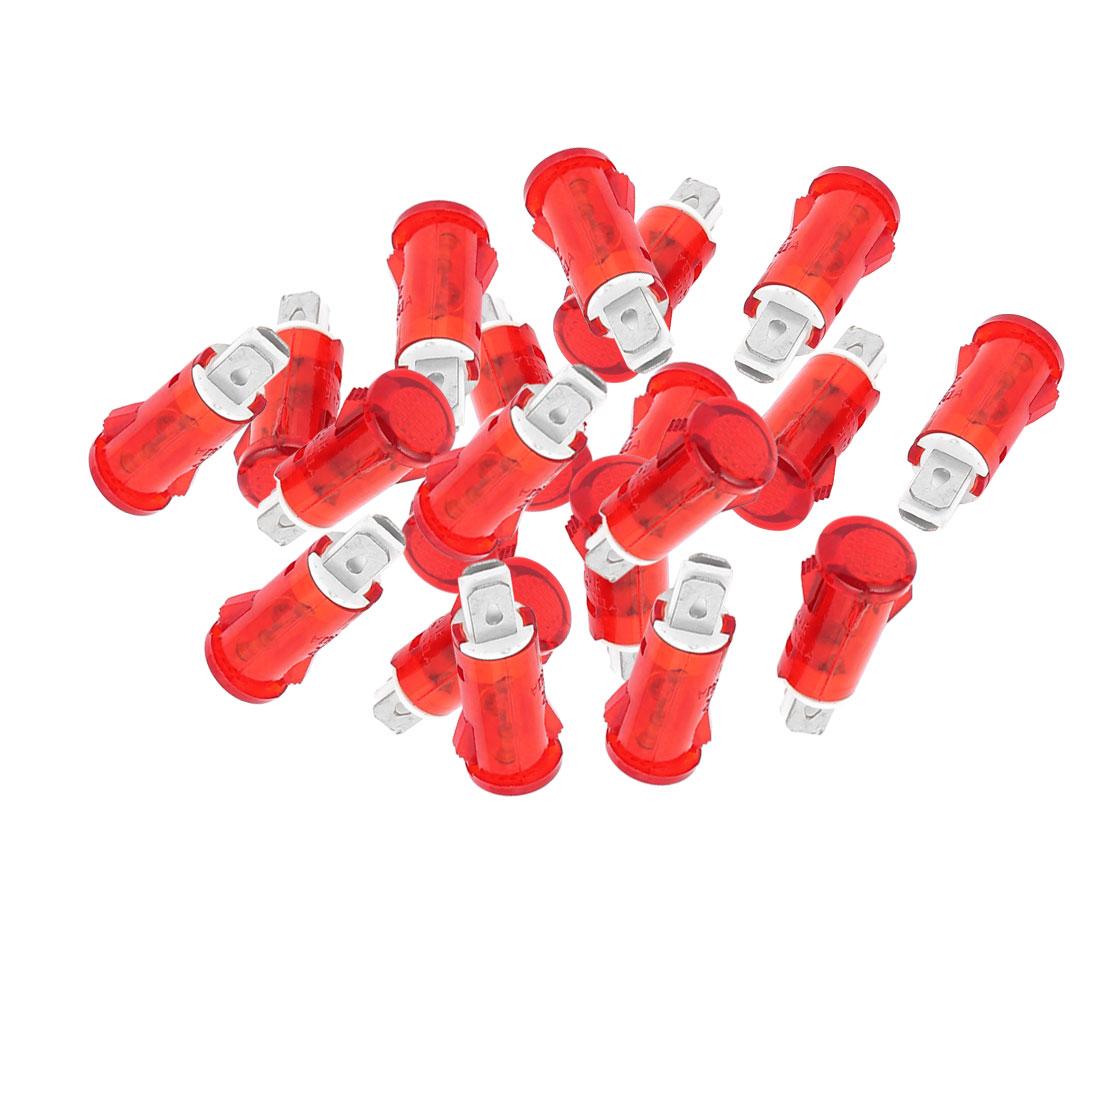 20 pcs DC12V DC24V AC220V plastique 10mm Diamètre Voyant rond rouge clair pilote - image 2 de 2